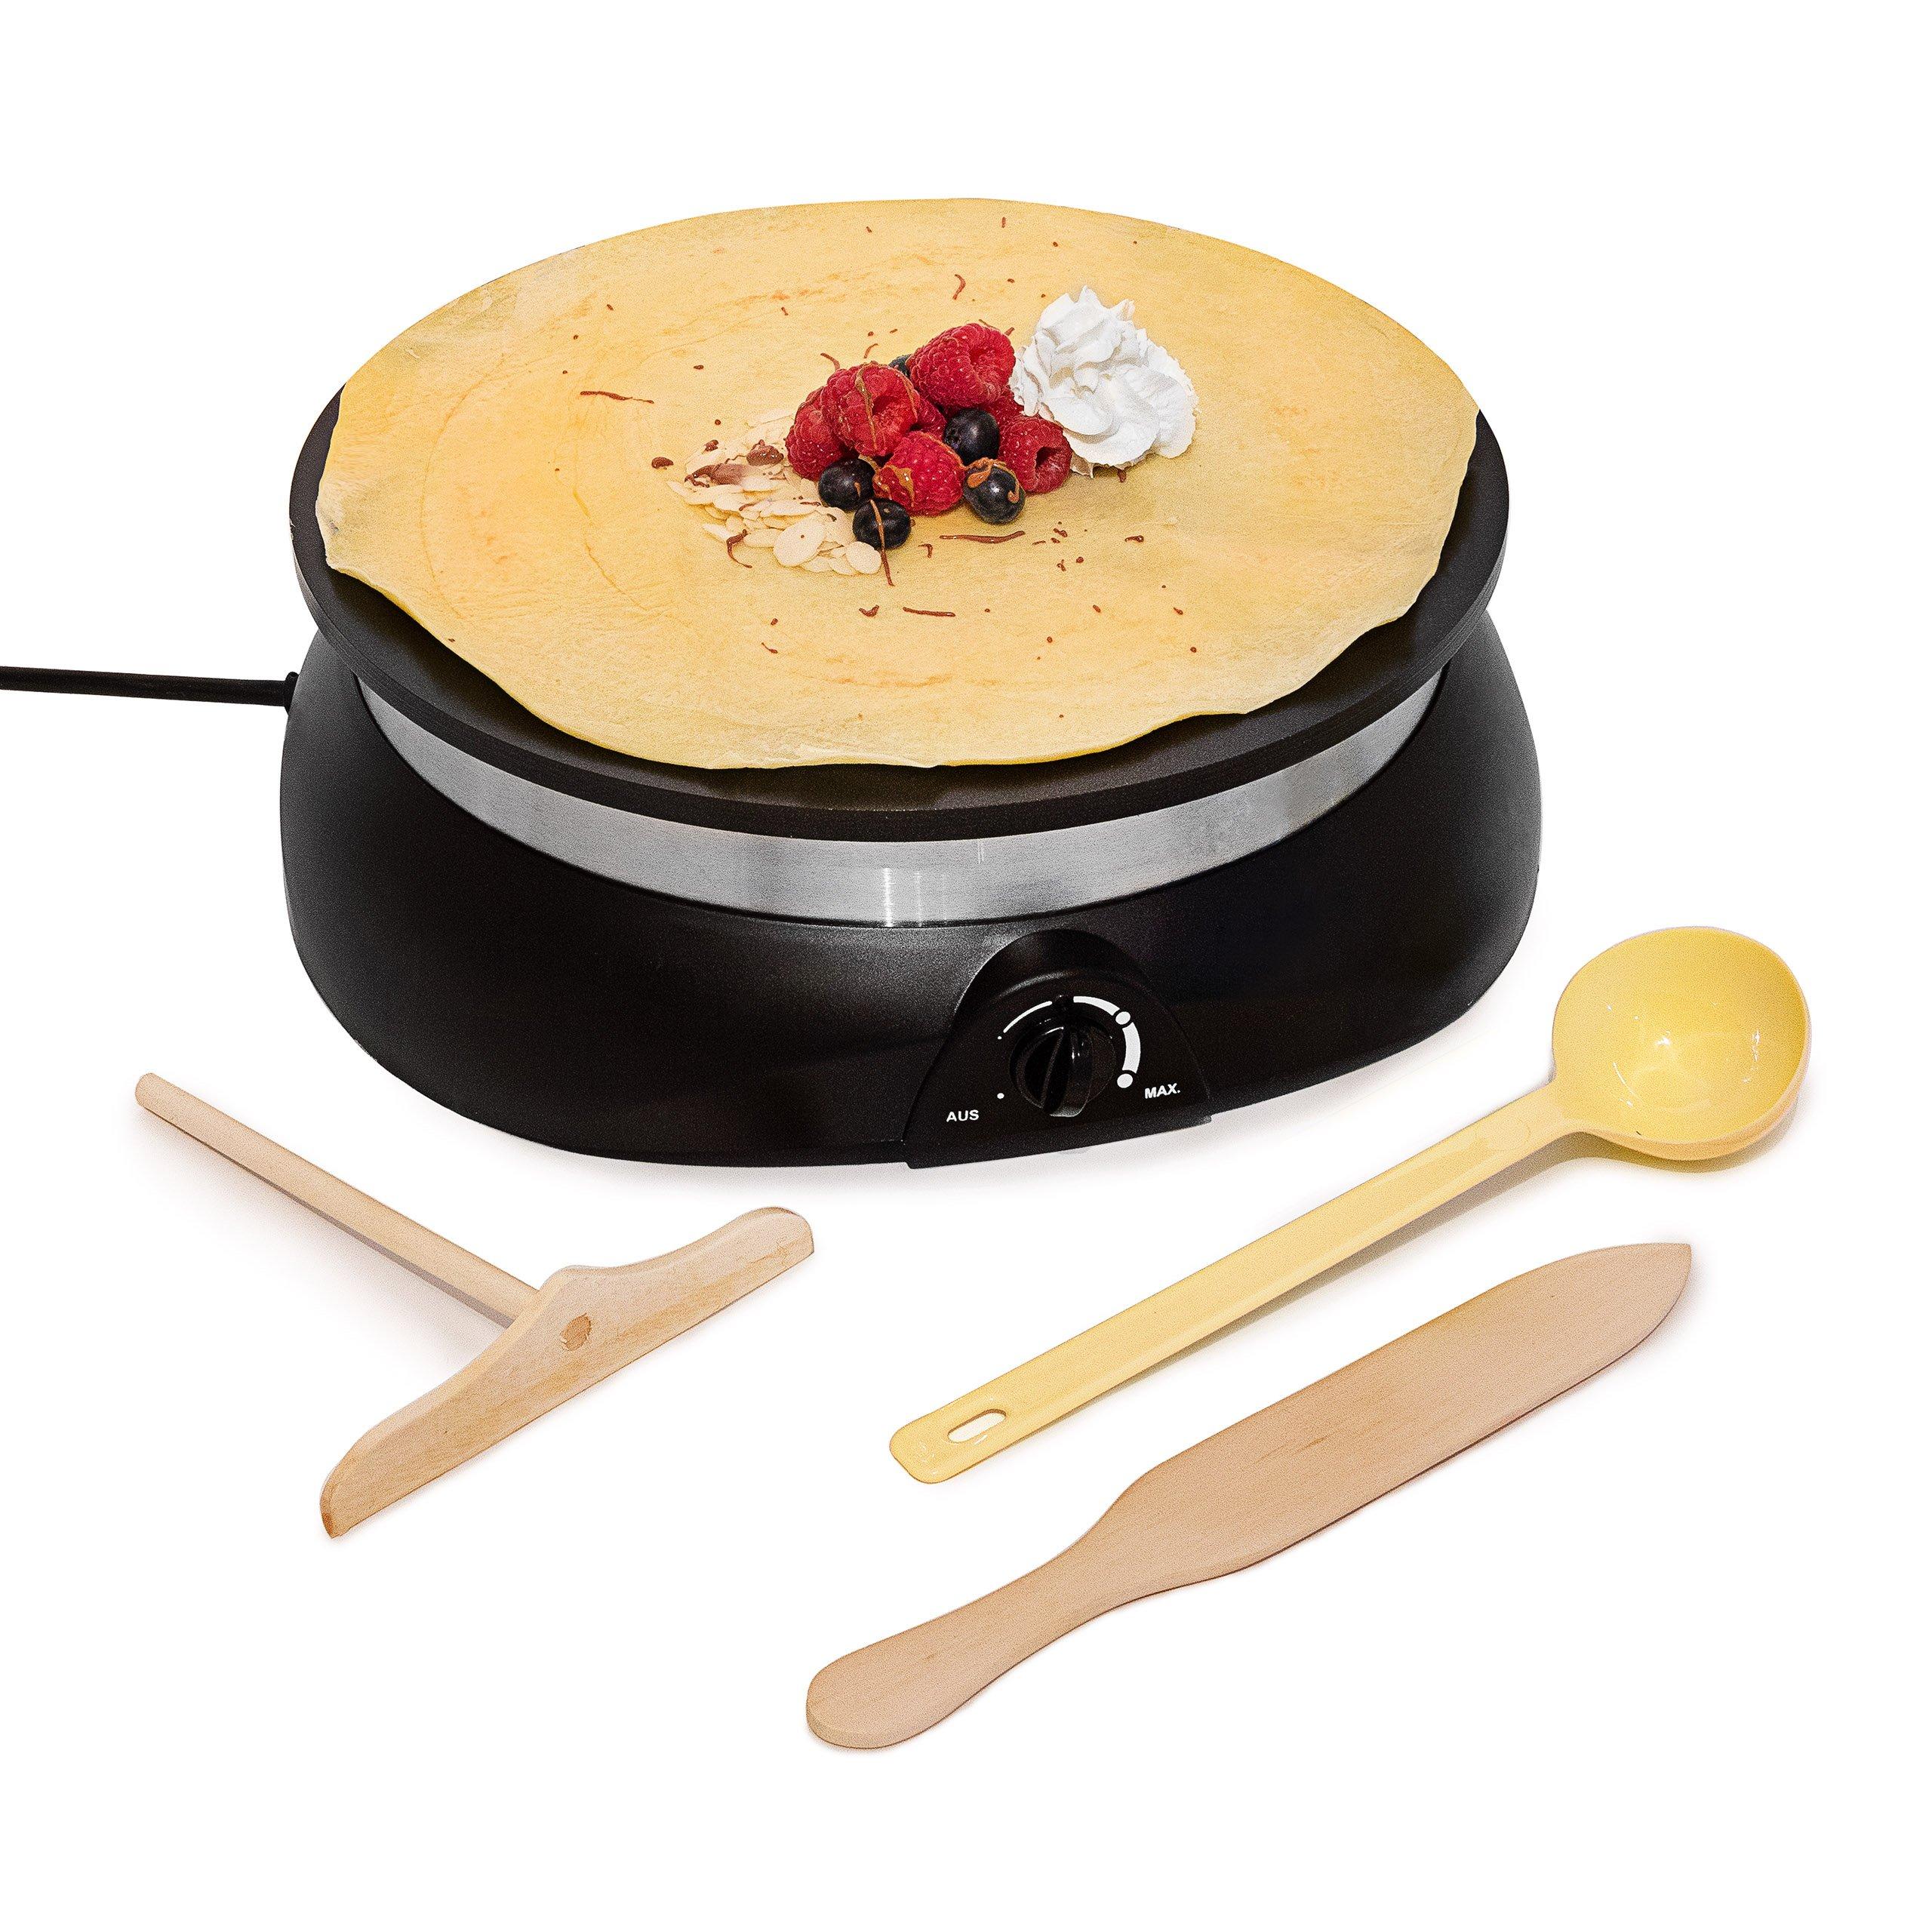 Relaxdays Piastra Elettrica per Crepes Crepiera Crepe Maker con Accessori